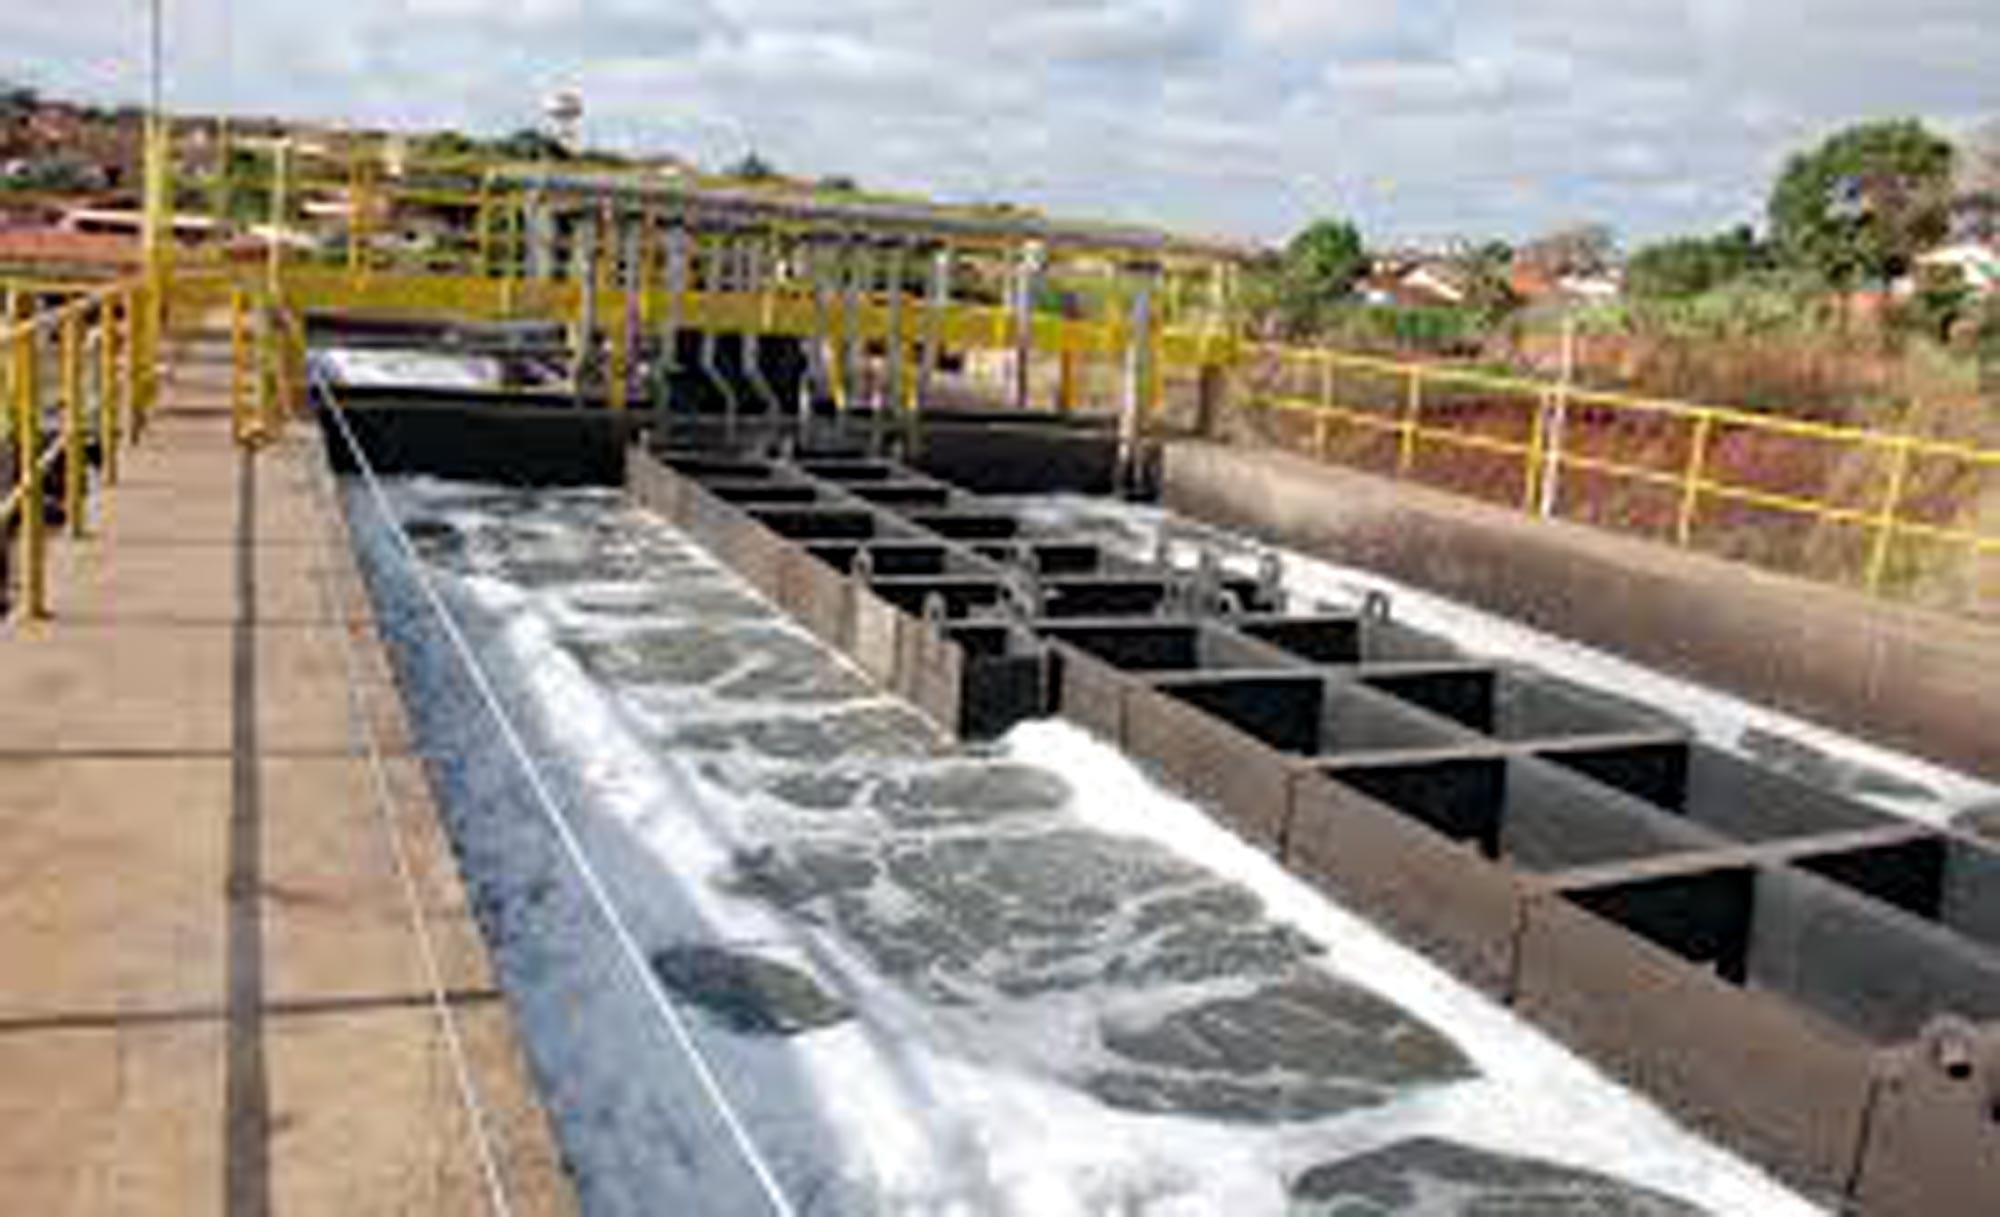 Especialista diz que sociedade precisa estar preparada para viver com menos água